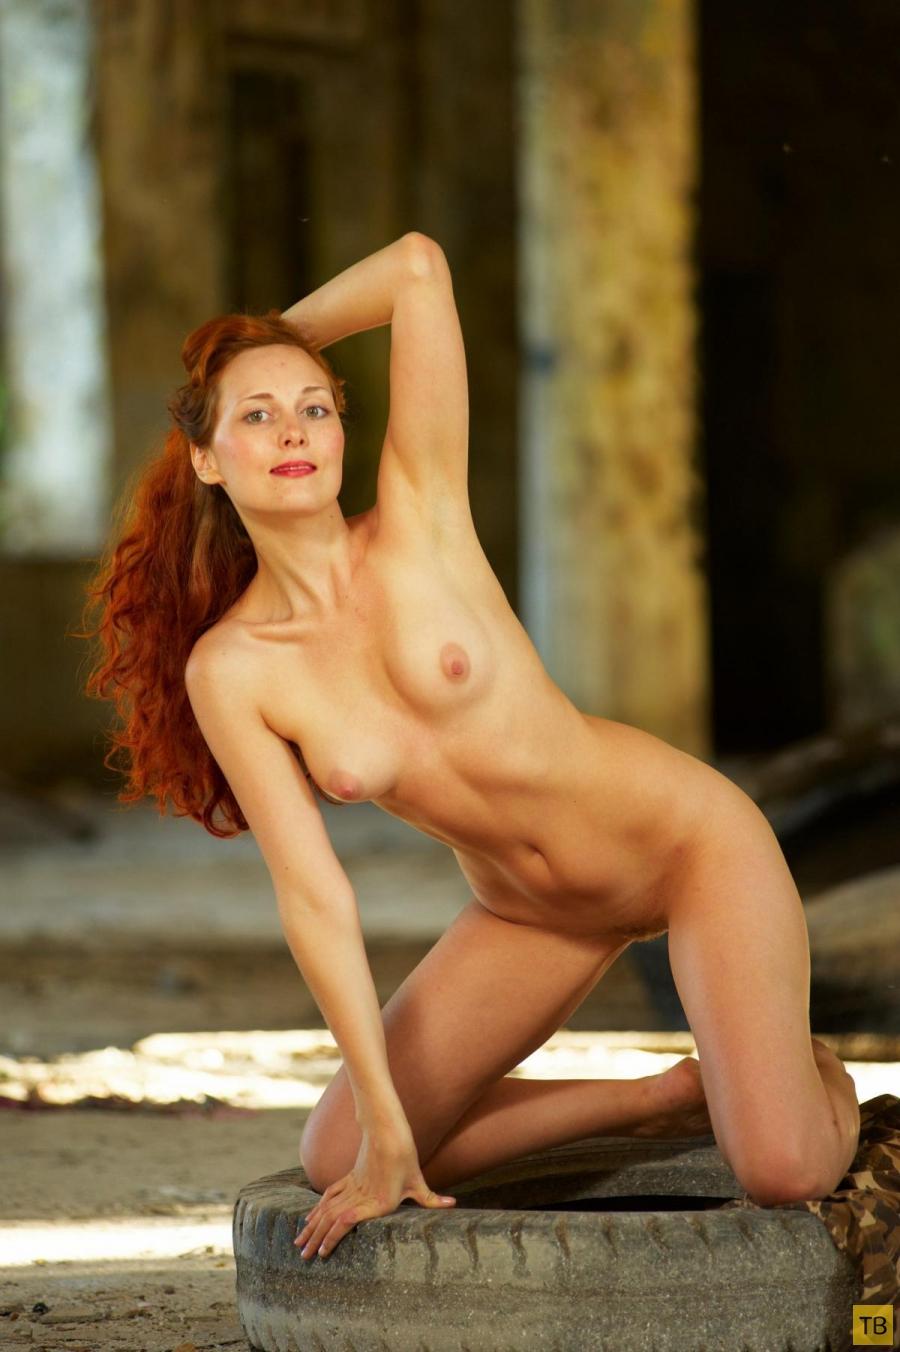 Рыжеволосая танцовщица на фоне руин (16 фото)